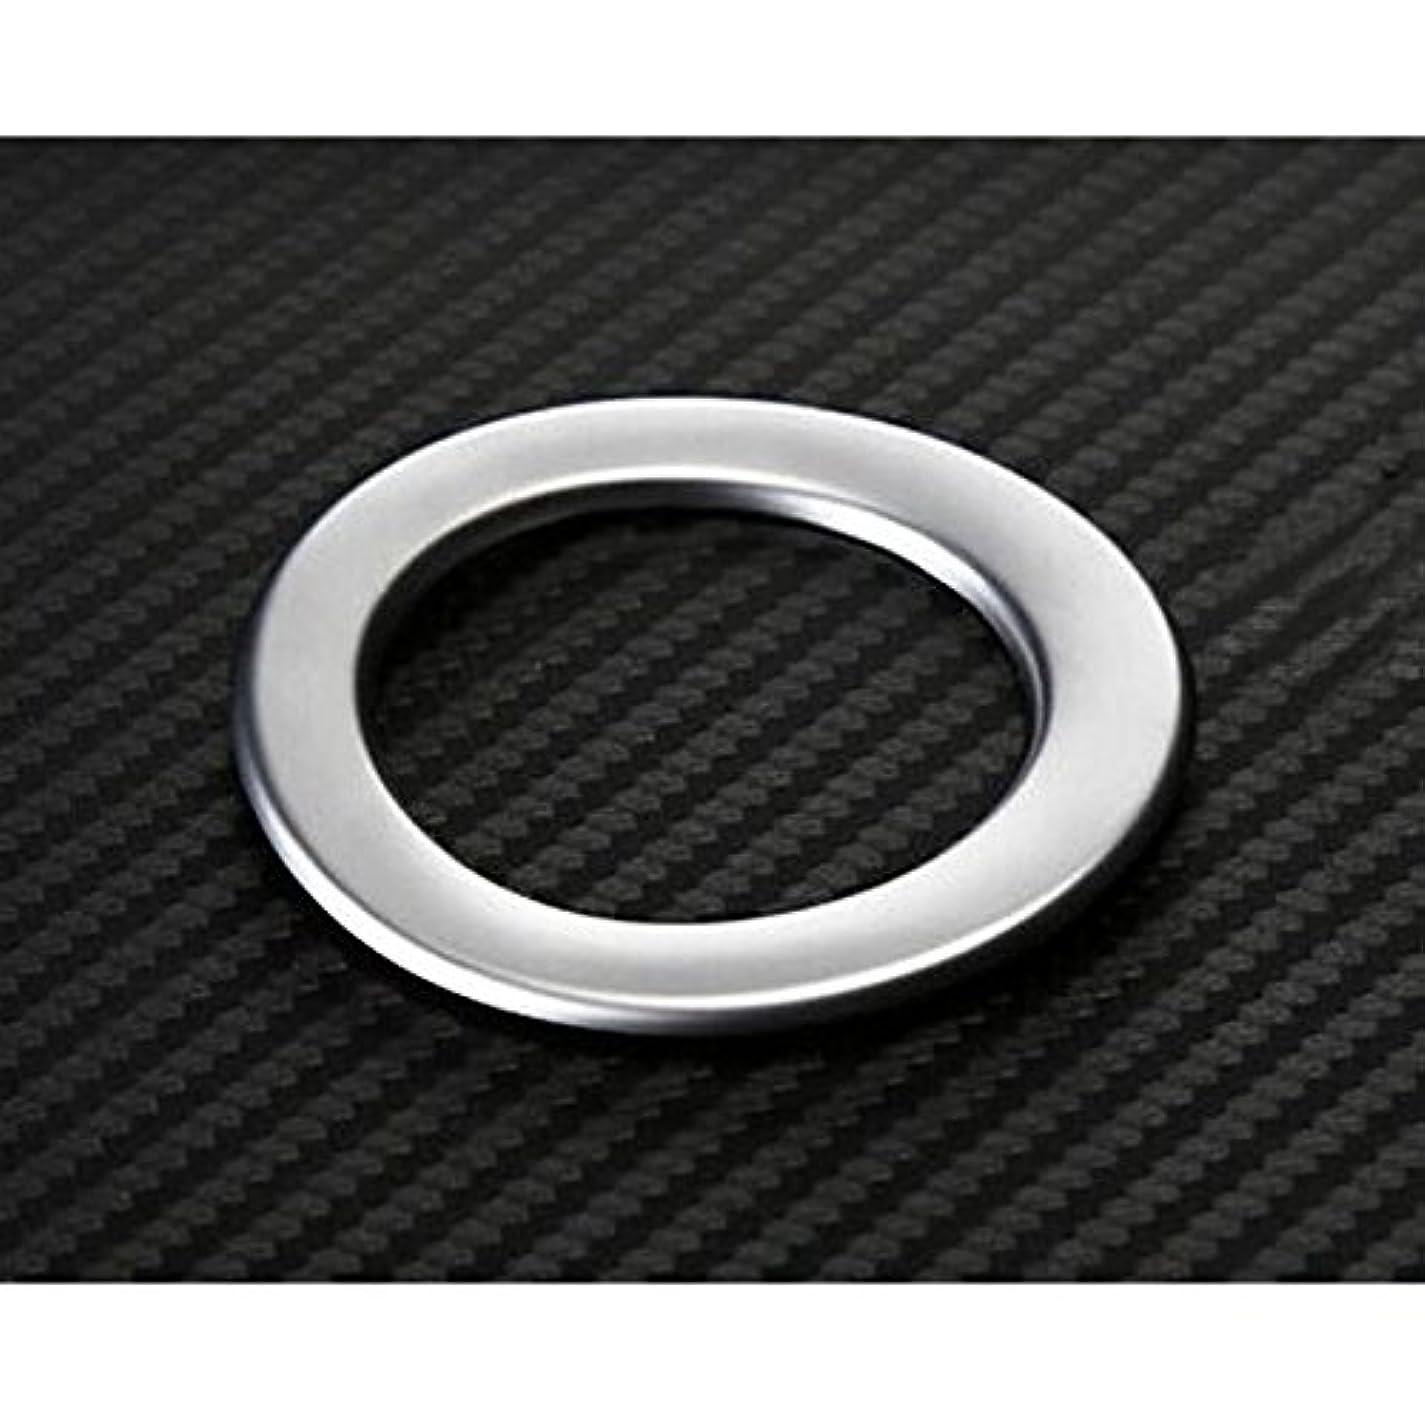 噂四半期構成Jicorzo - Decorative Ignition Engine Start Stop Button Cover Sticker Trim Ring Car Styling Fit For Ford Explorer 2016